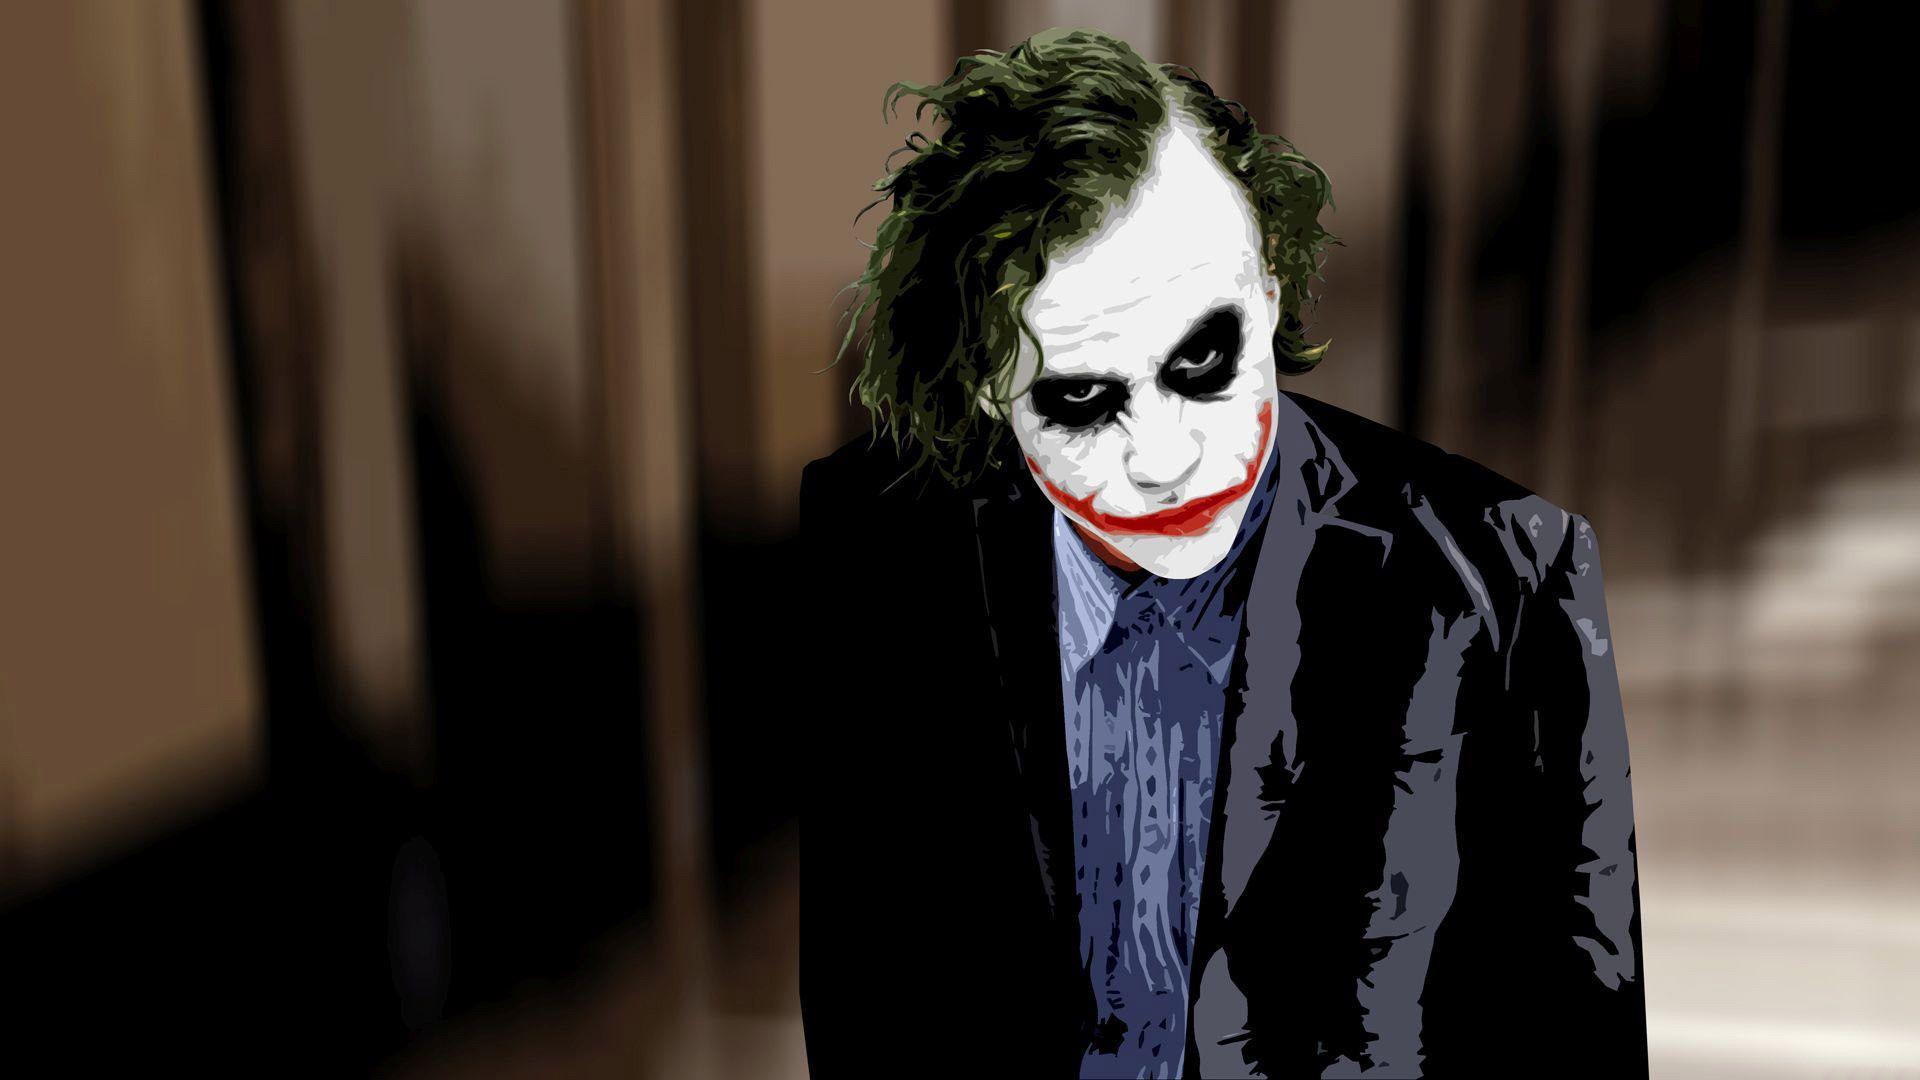 Dark Knight Joker in 4K Ultra HD Wallpapers - Top Free ...